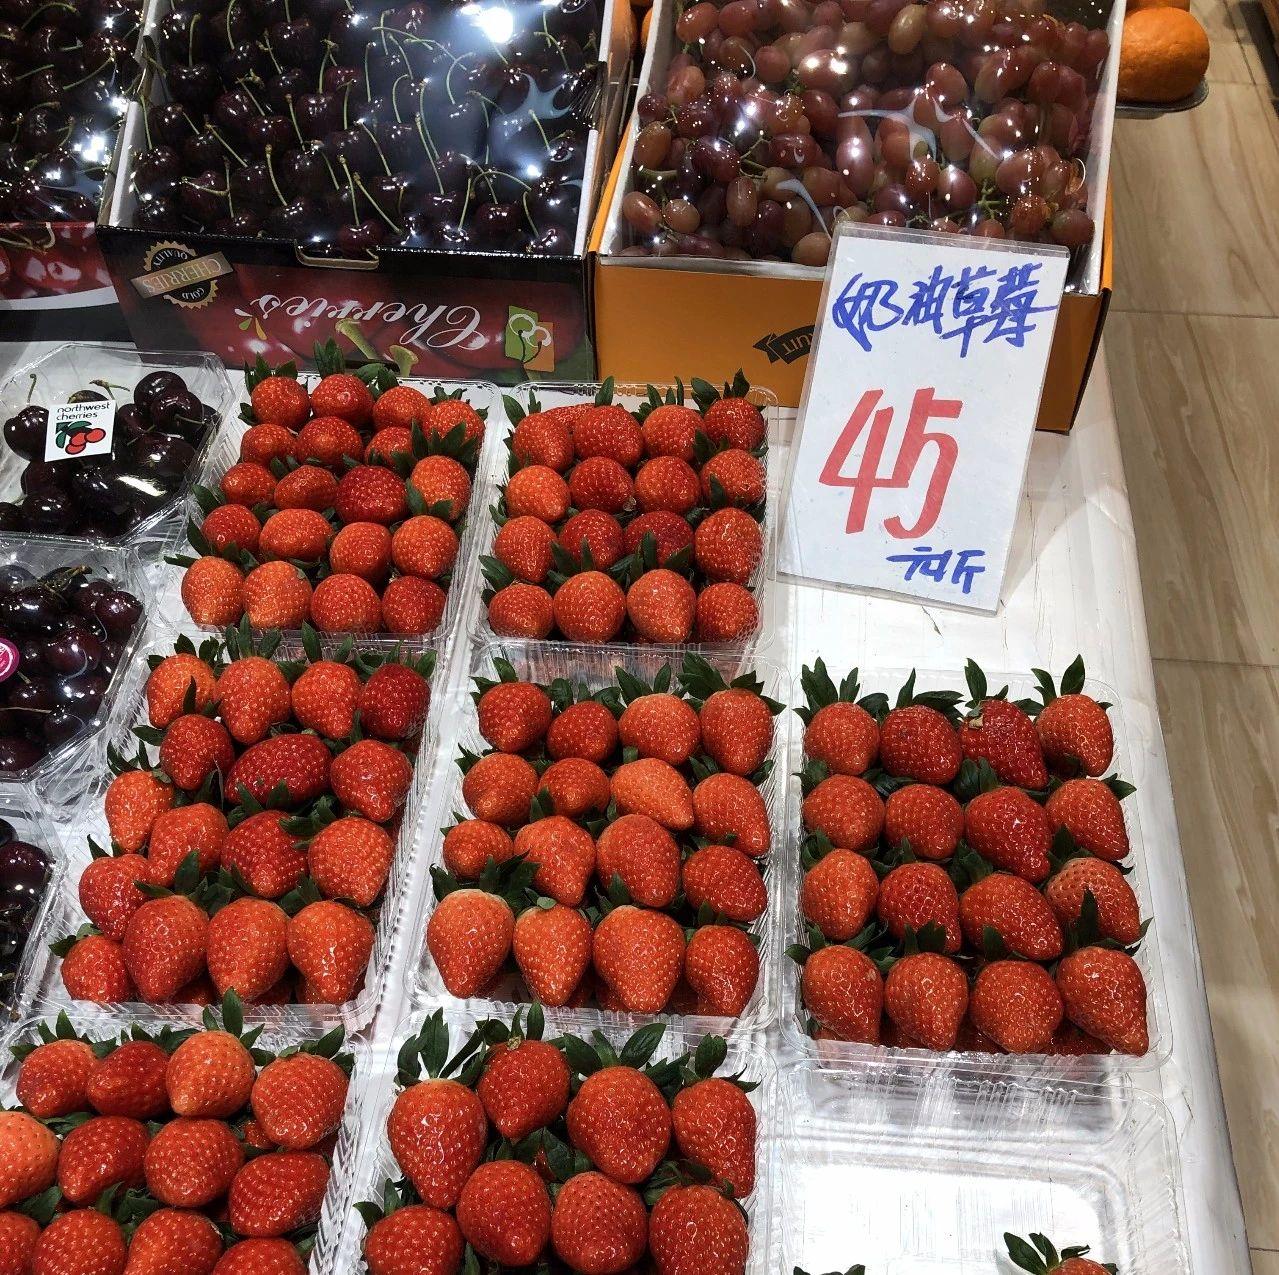 【关注】萧山本地草莓新鲜上市啦!看着就想吃,价格怎么样?